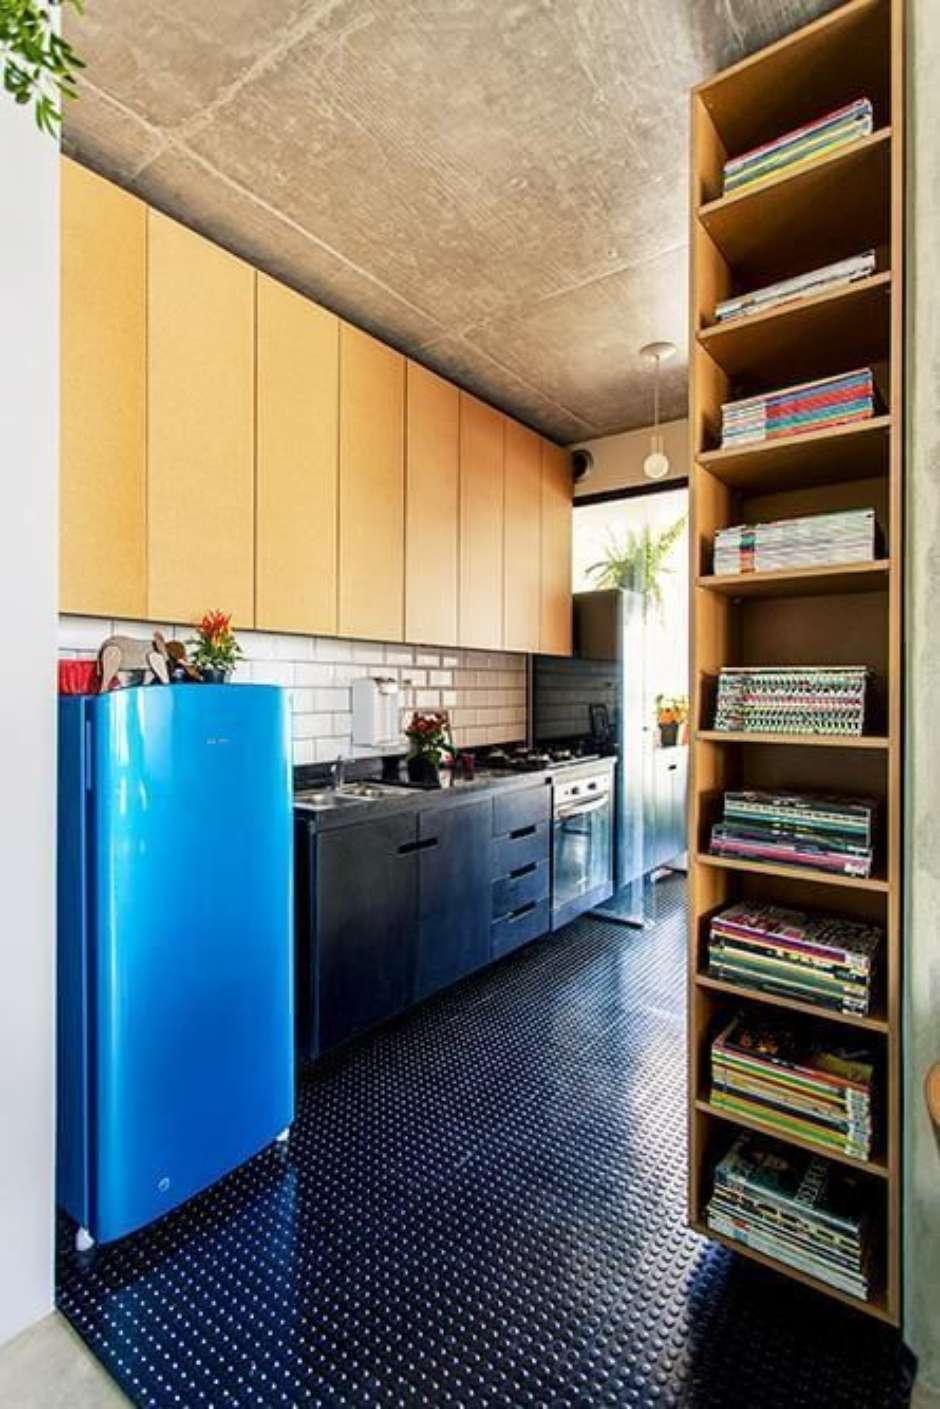 Cozinha Colorida Planejada Cozinha Planejada Com Portas De Vidro